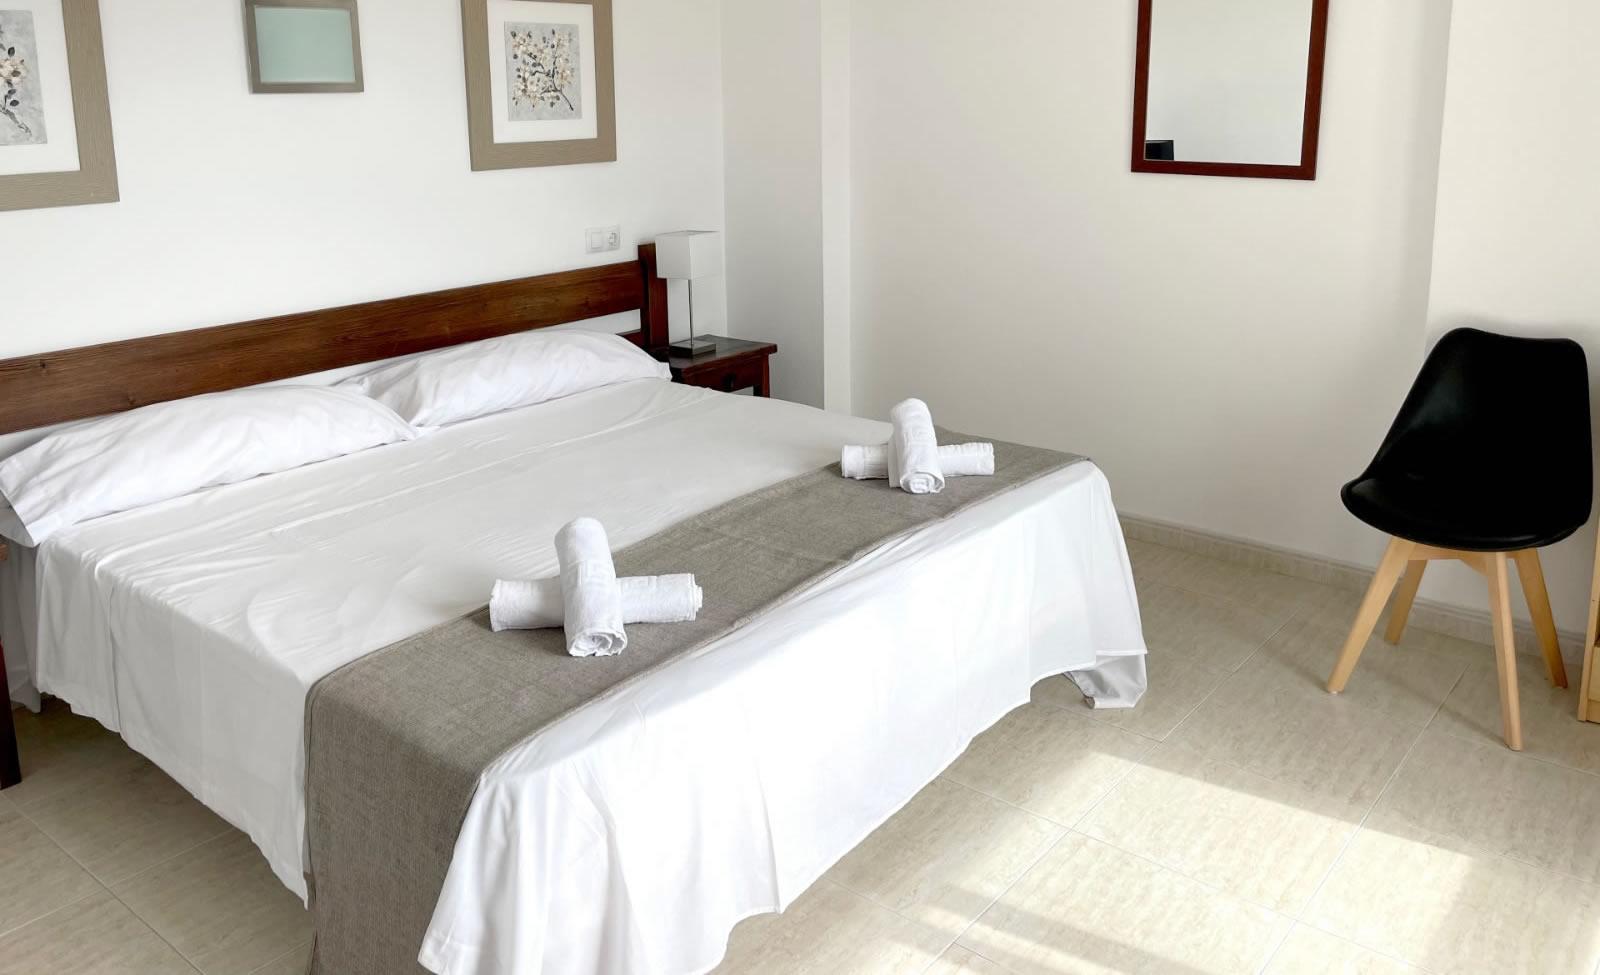 Hotel Galera in San Antonio, Ibiza